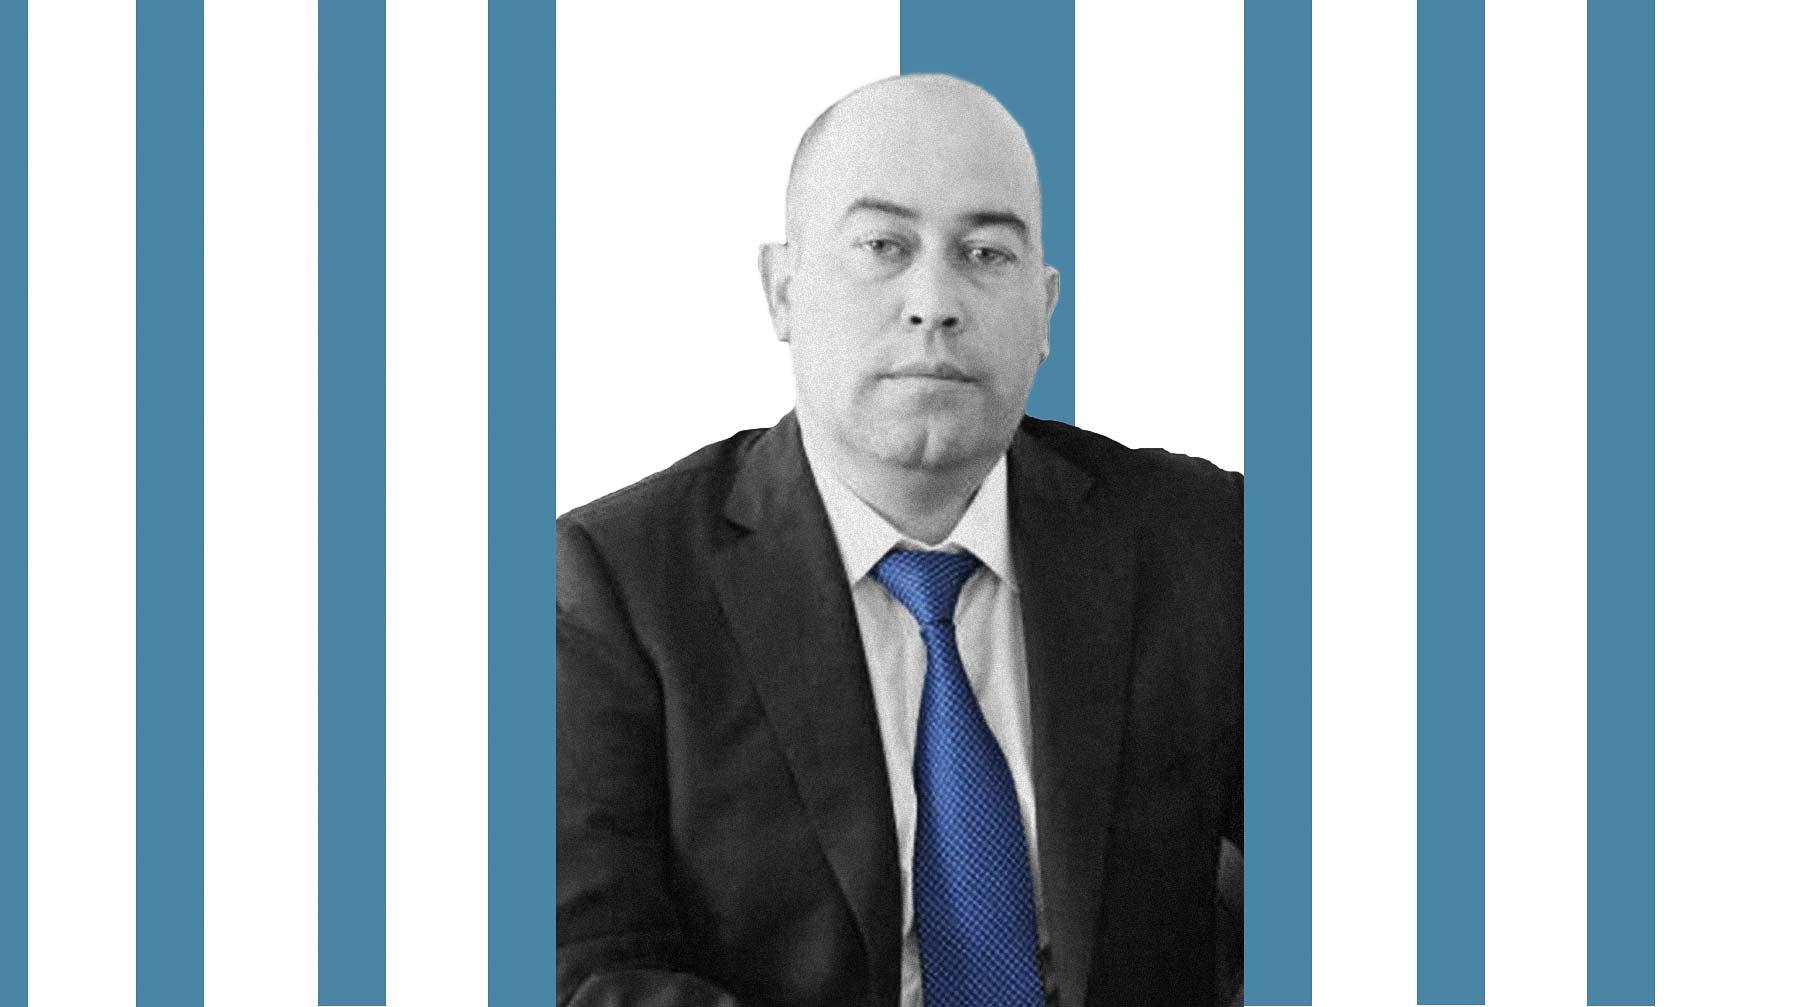 ВДагестане силовики задержали руководителя Бабаюртовского района Эльдара Карагишиева